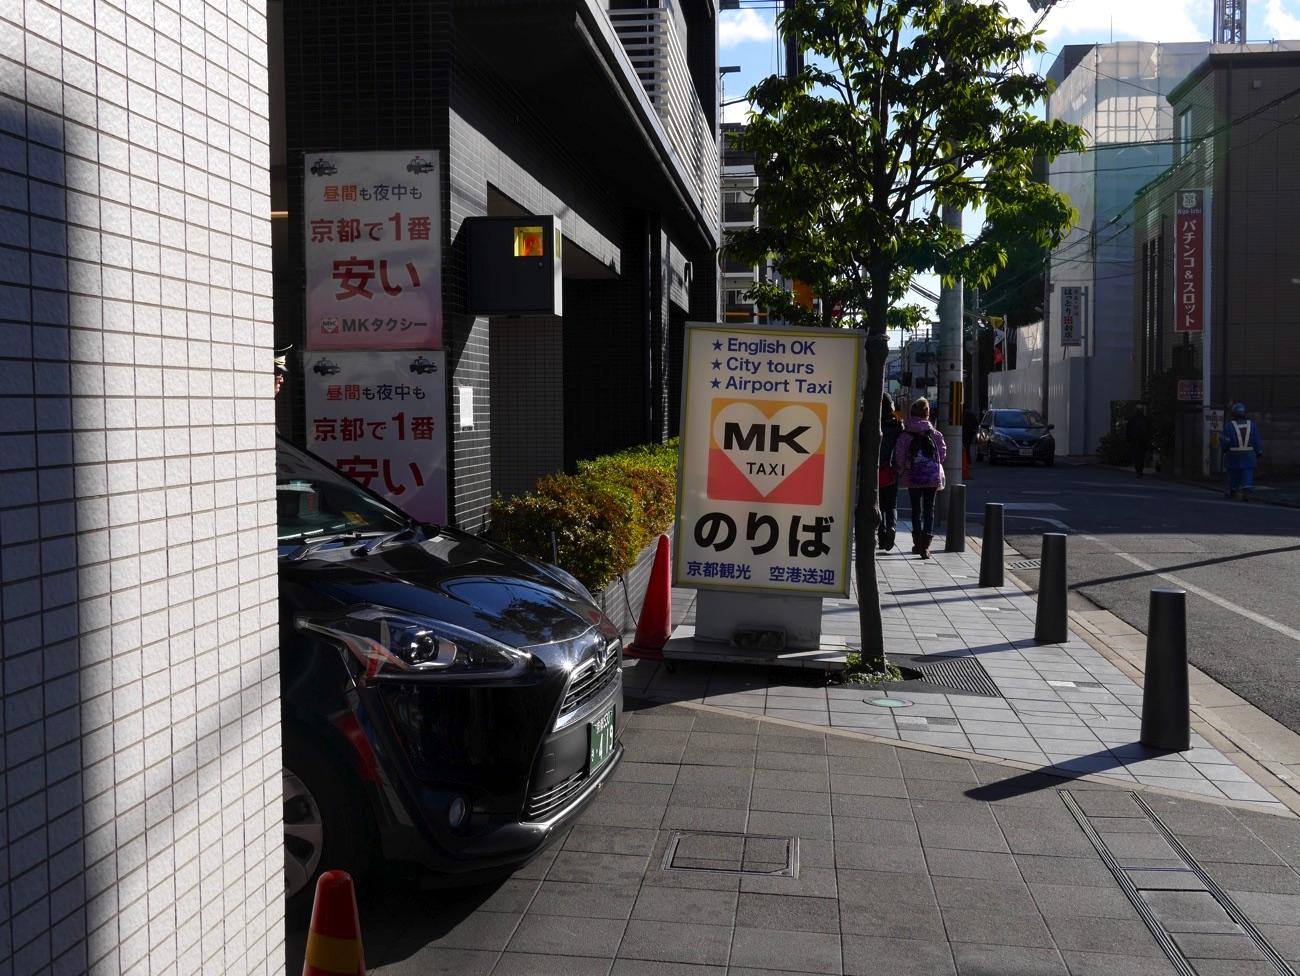 MKタクシーは京都で一番安い!?